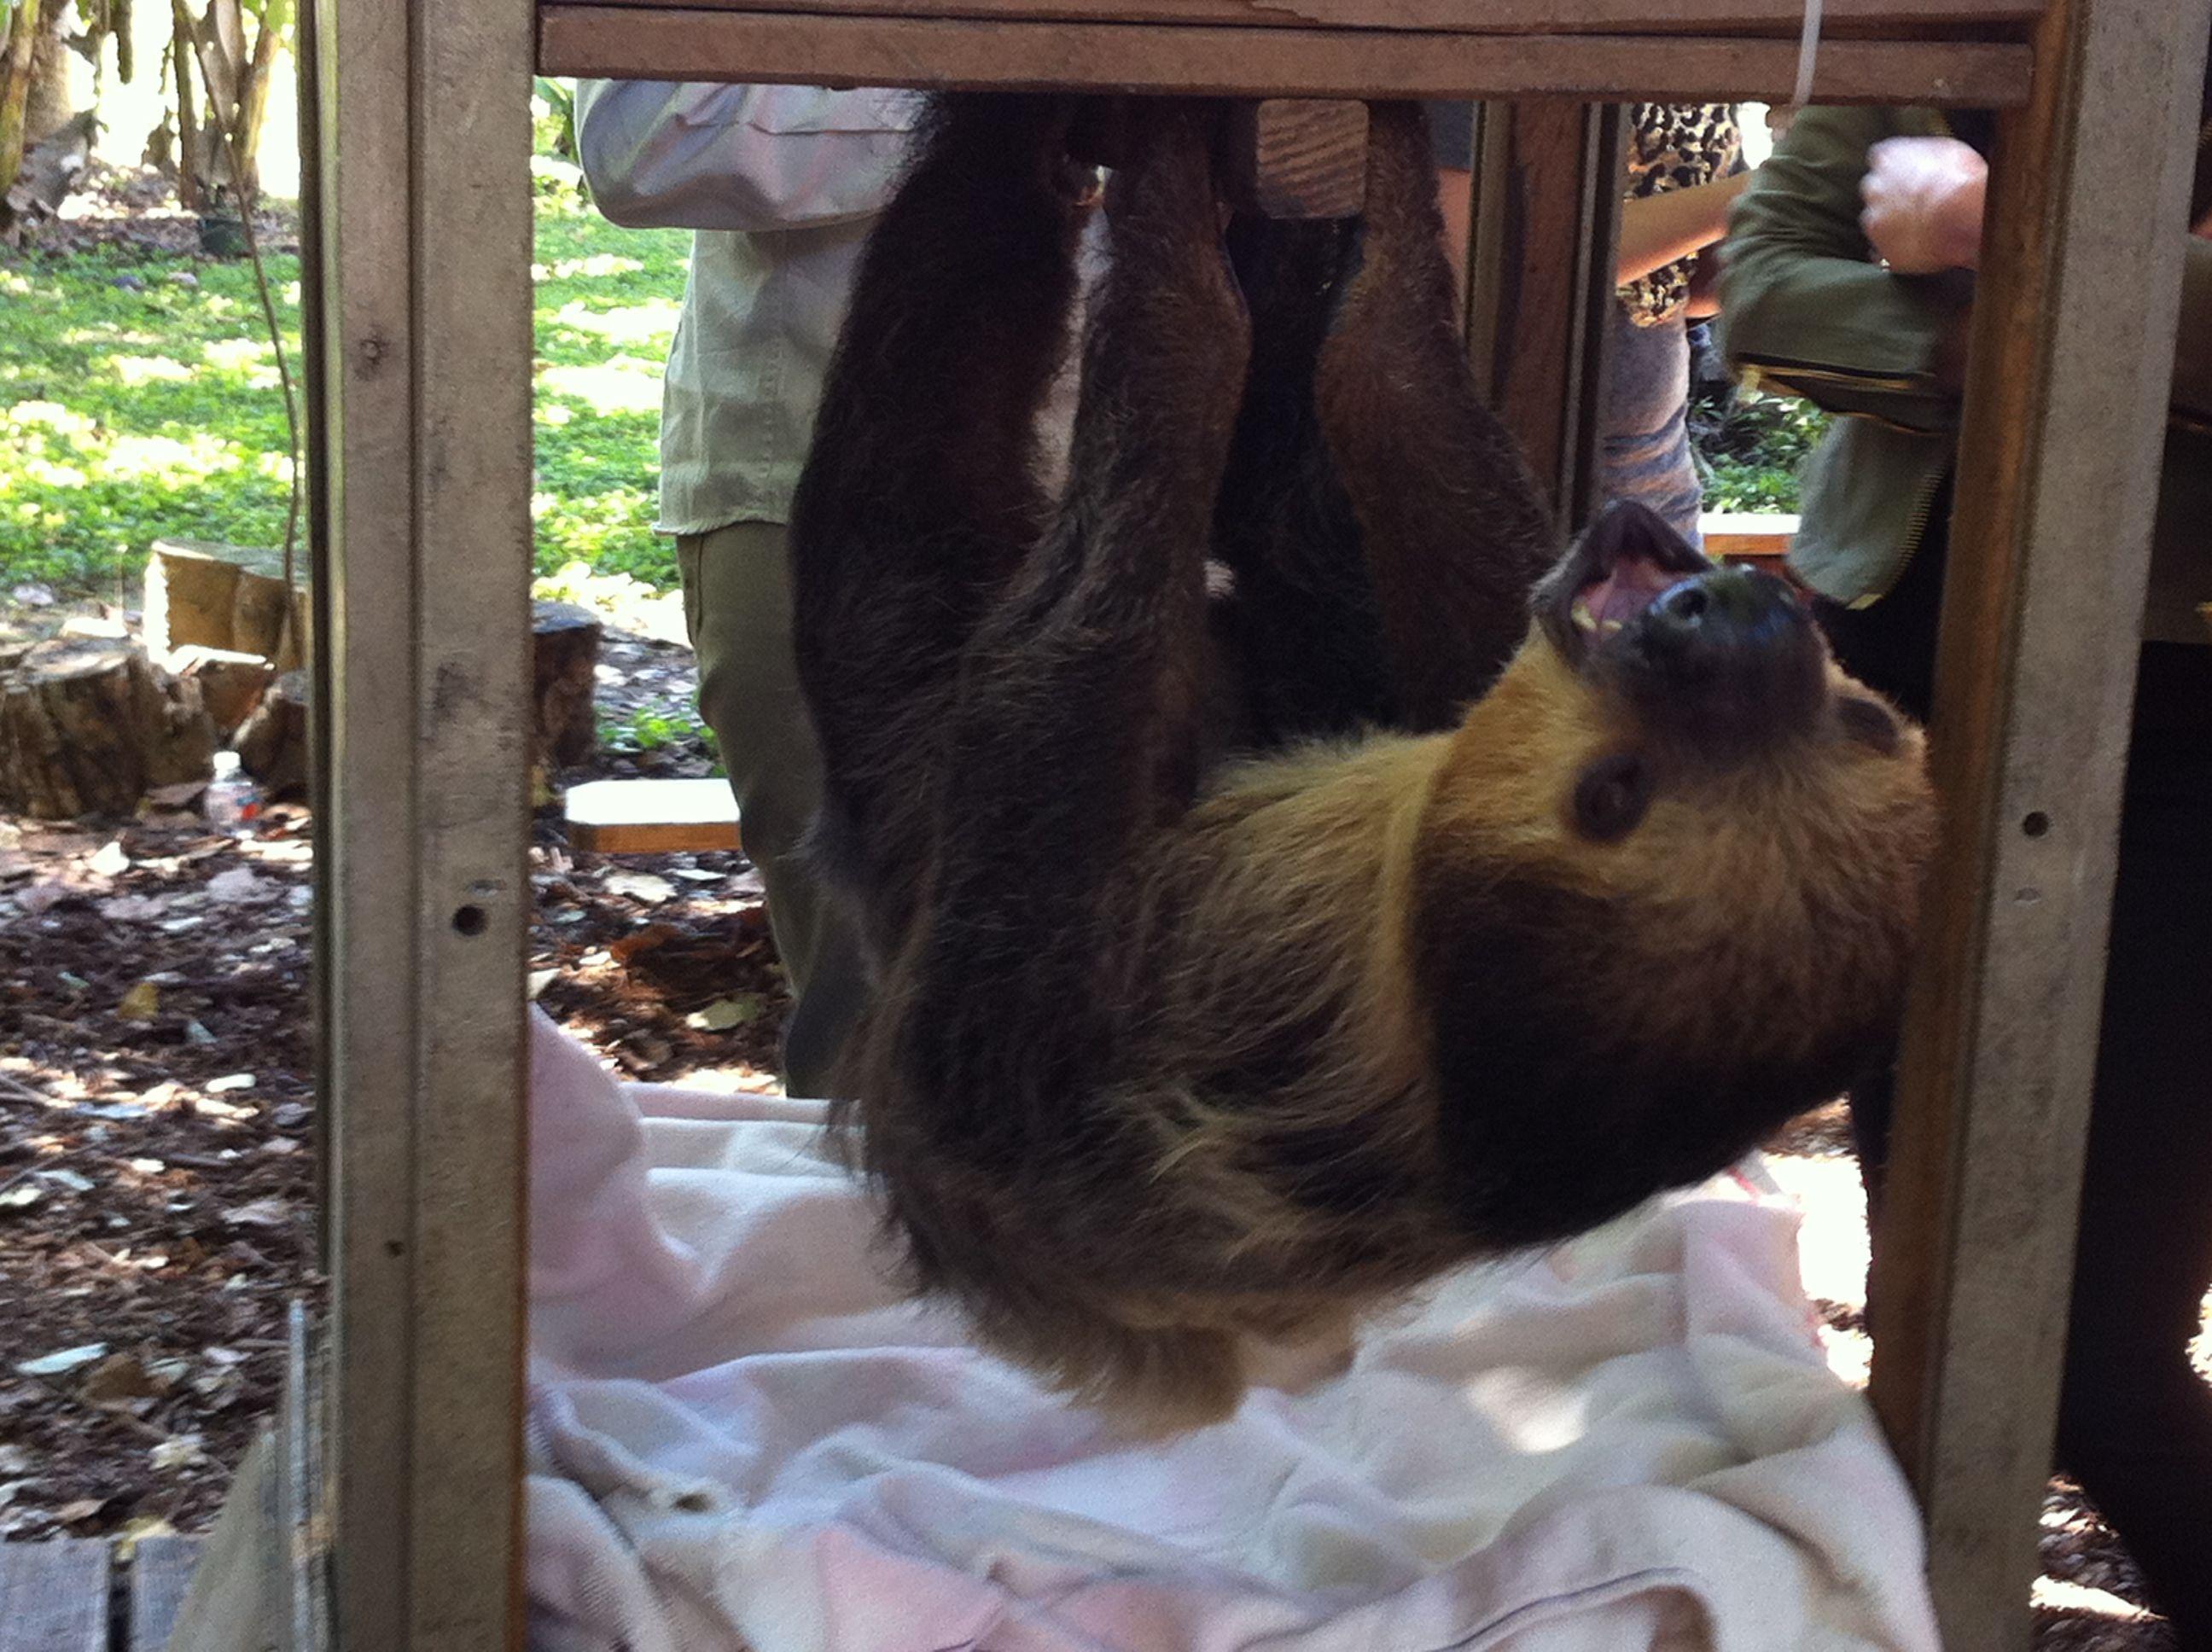 Safari Edventures Homestead, FL We pet a Sloth!!! 2014